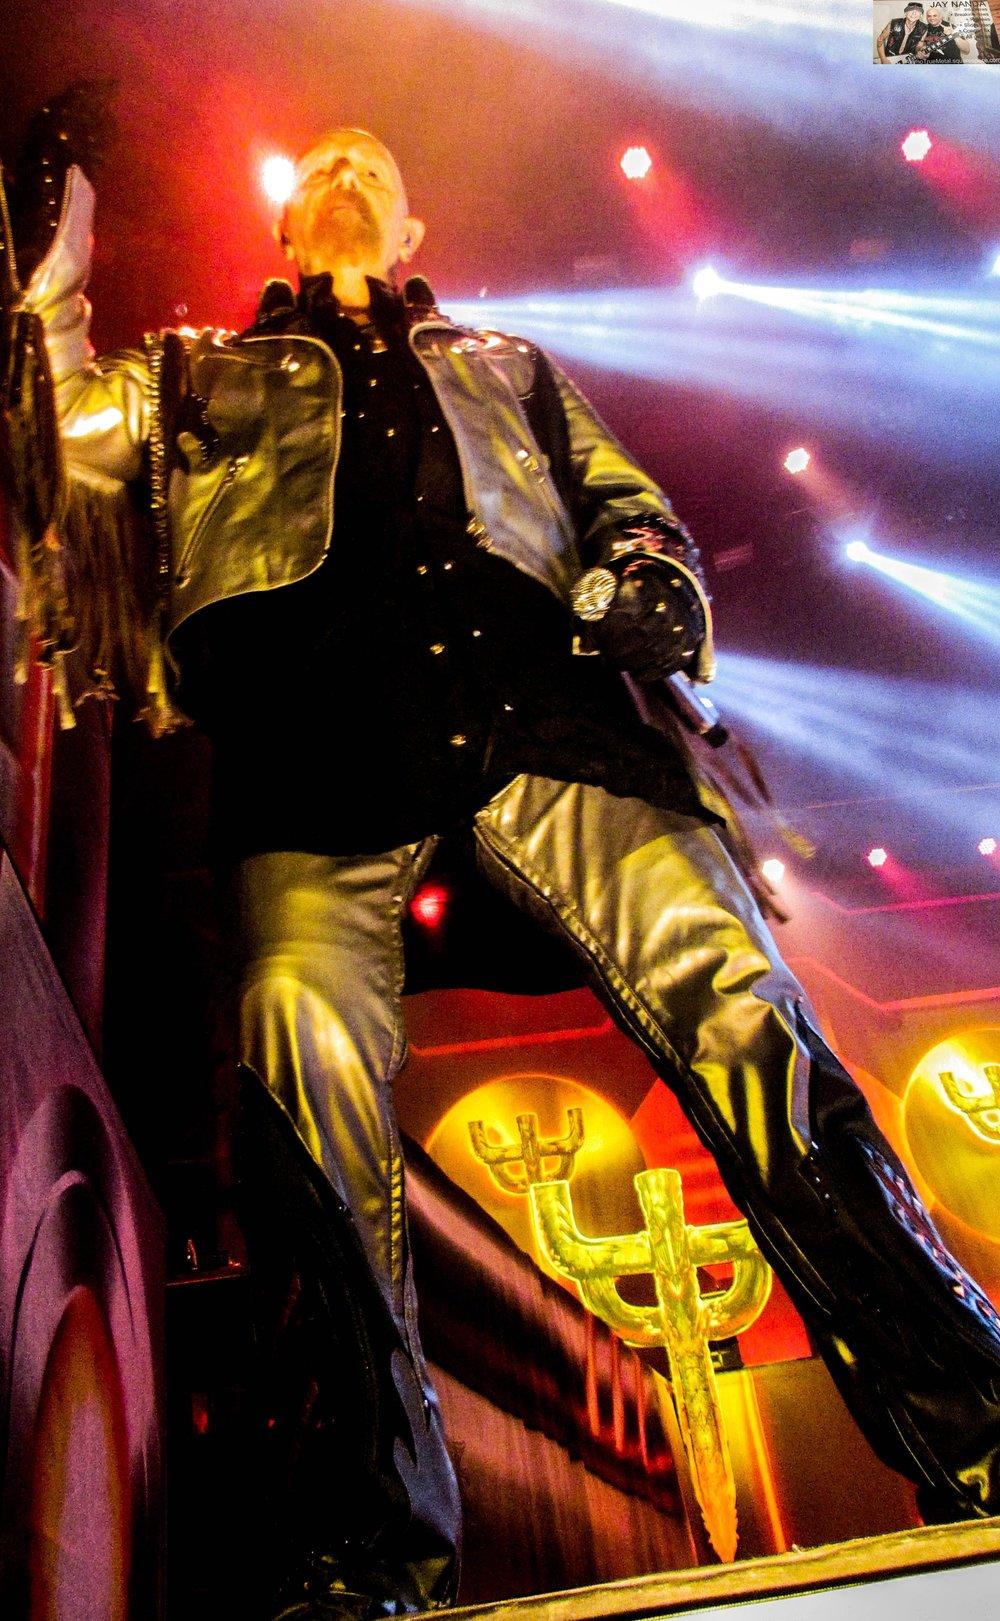 Judas Priest 34.jpg